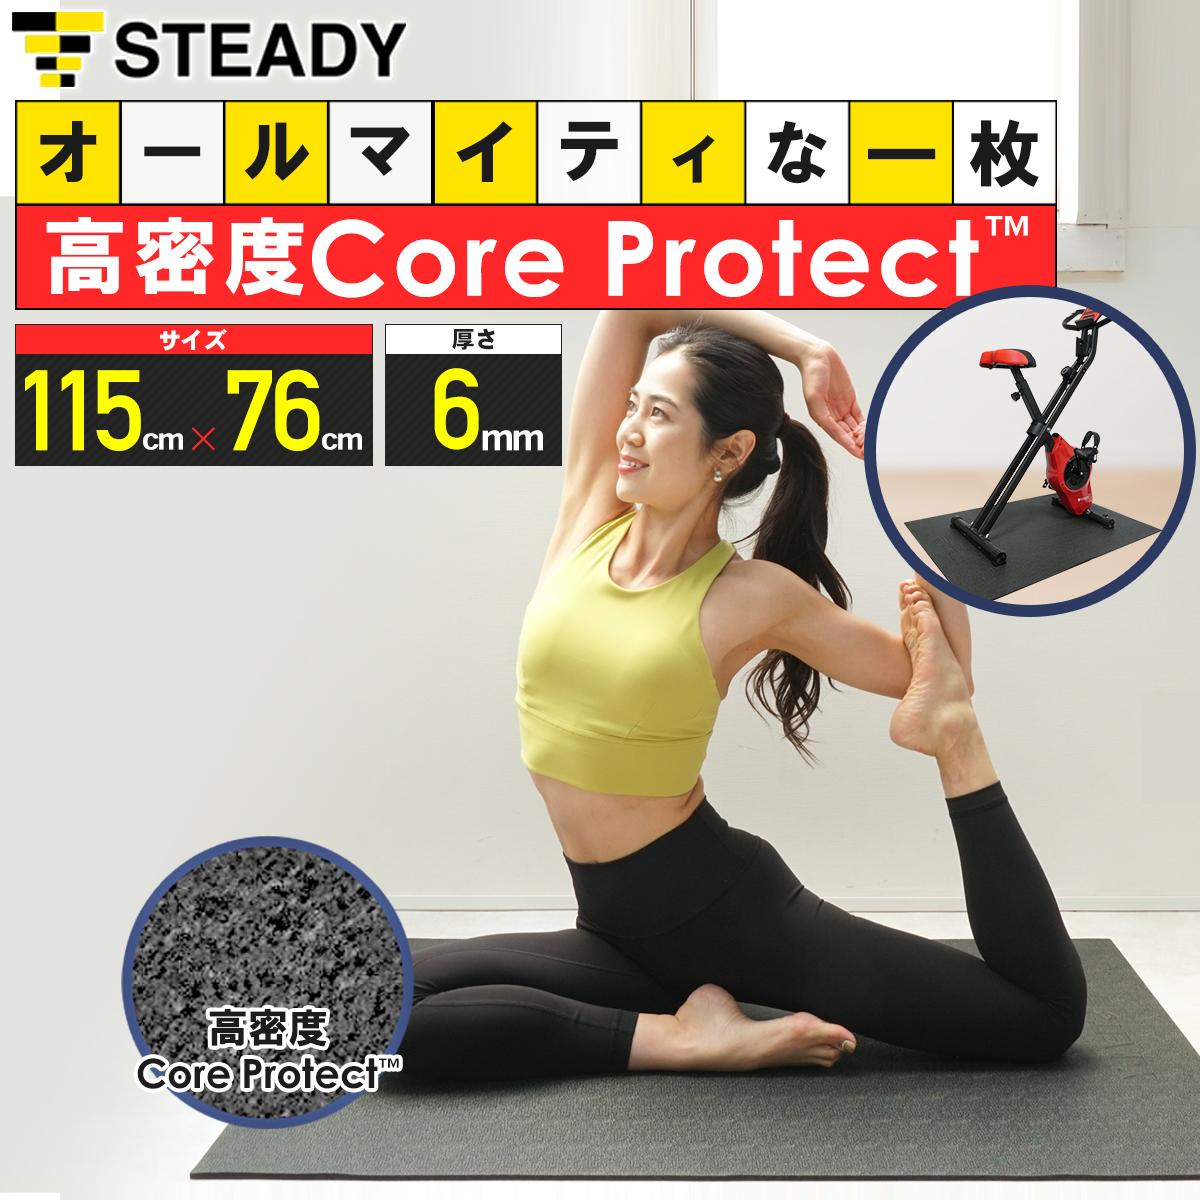 高密度Core Protect 厚さ6mm 滑りにくいグリップ 断熱素材 耐水 耐摩耗 『1年保証』 高耐久性 トレーニングマット 新色追加 防音防振 衝撃吸収 ST137-76 ストレッチマット 床保護 1年保証 115×76cm 軽量 抗菌 ステディ フロアマット STEADY 筋トレマット